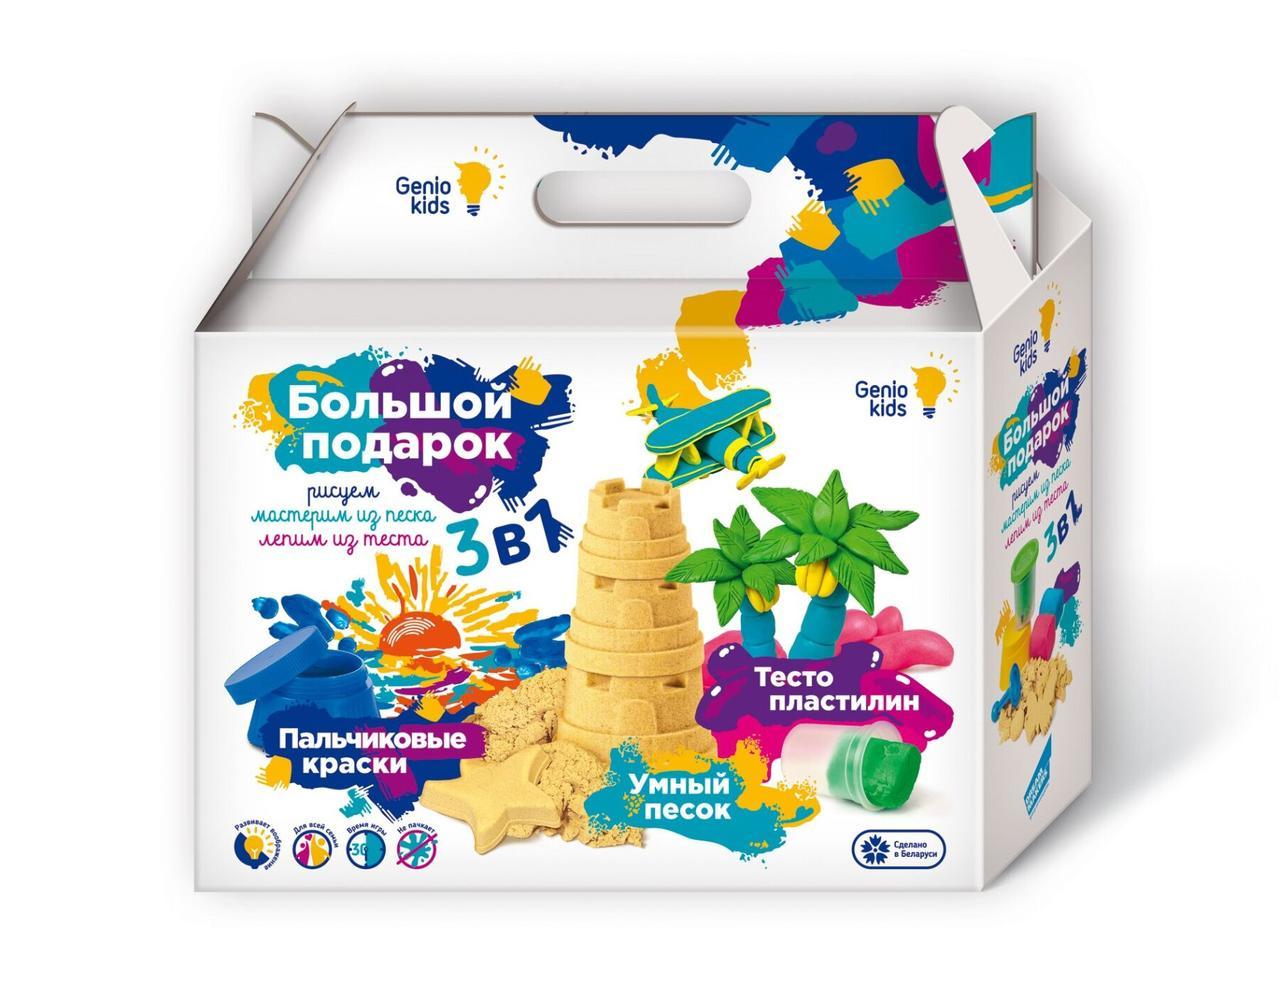 Набор для творчества для детей «Большой подарок», GENIO KIDS, (TA1301)